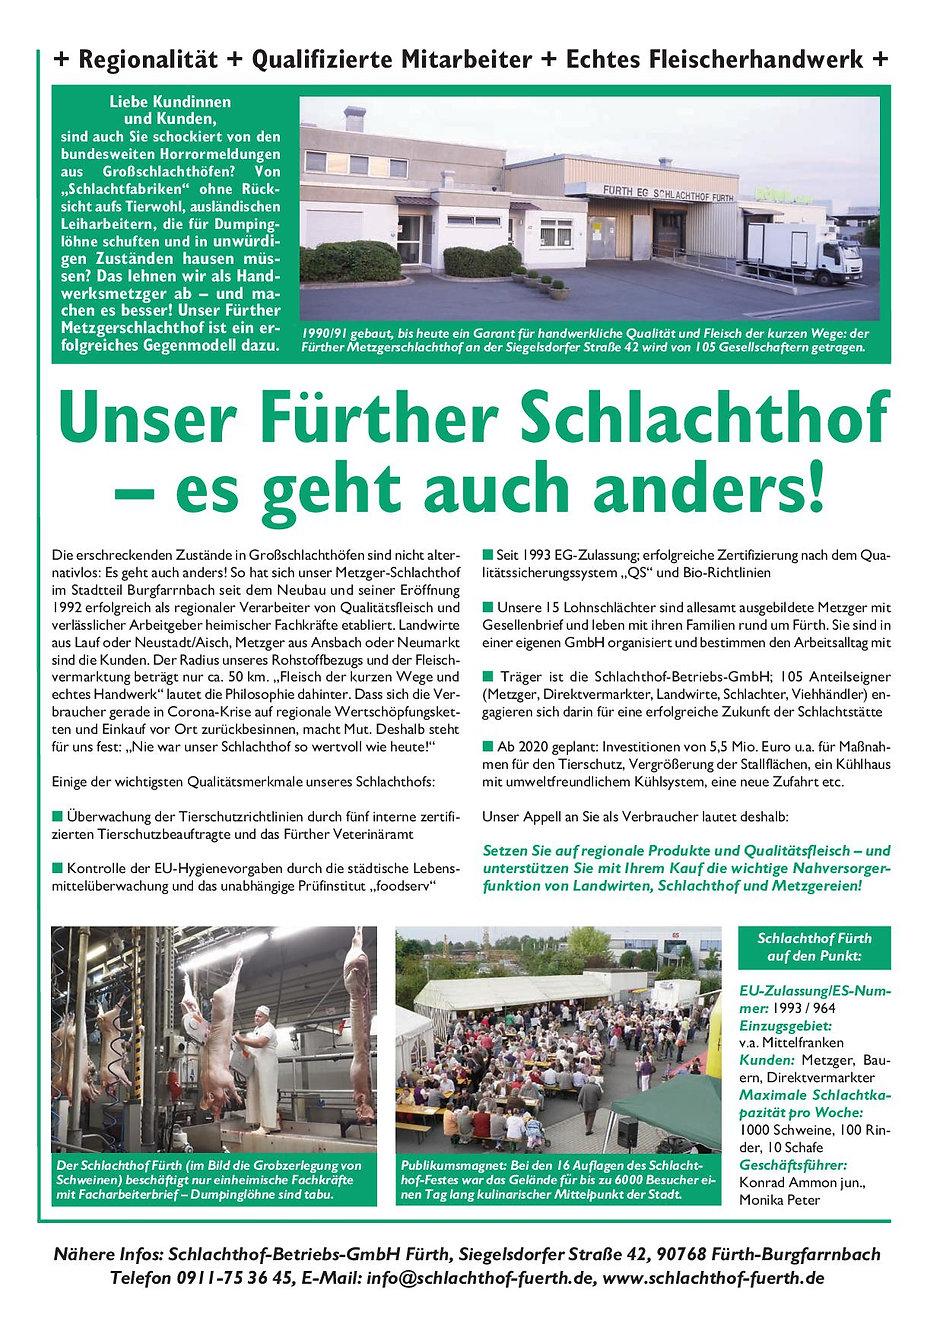 Schlachthof-Flugblatt.jpg